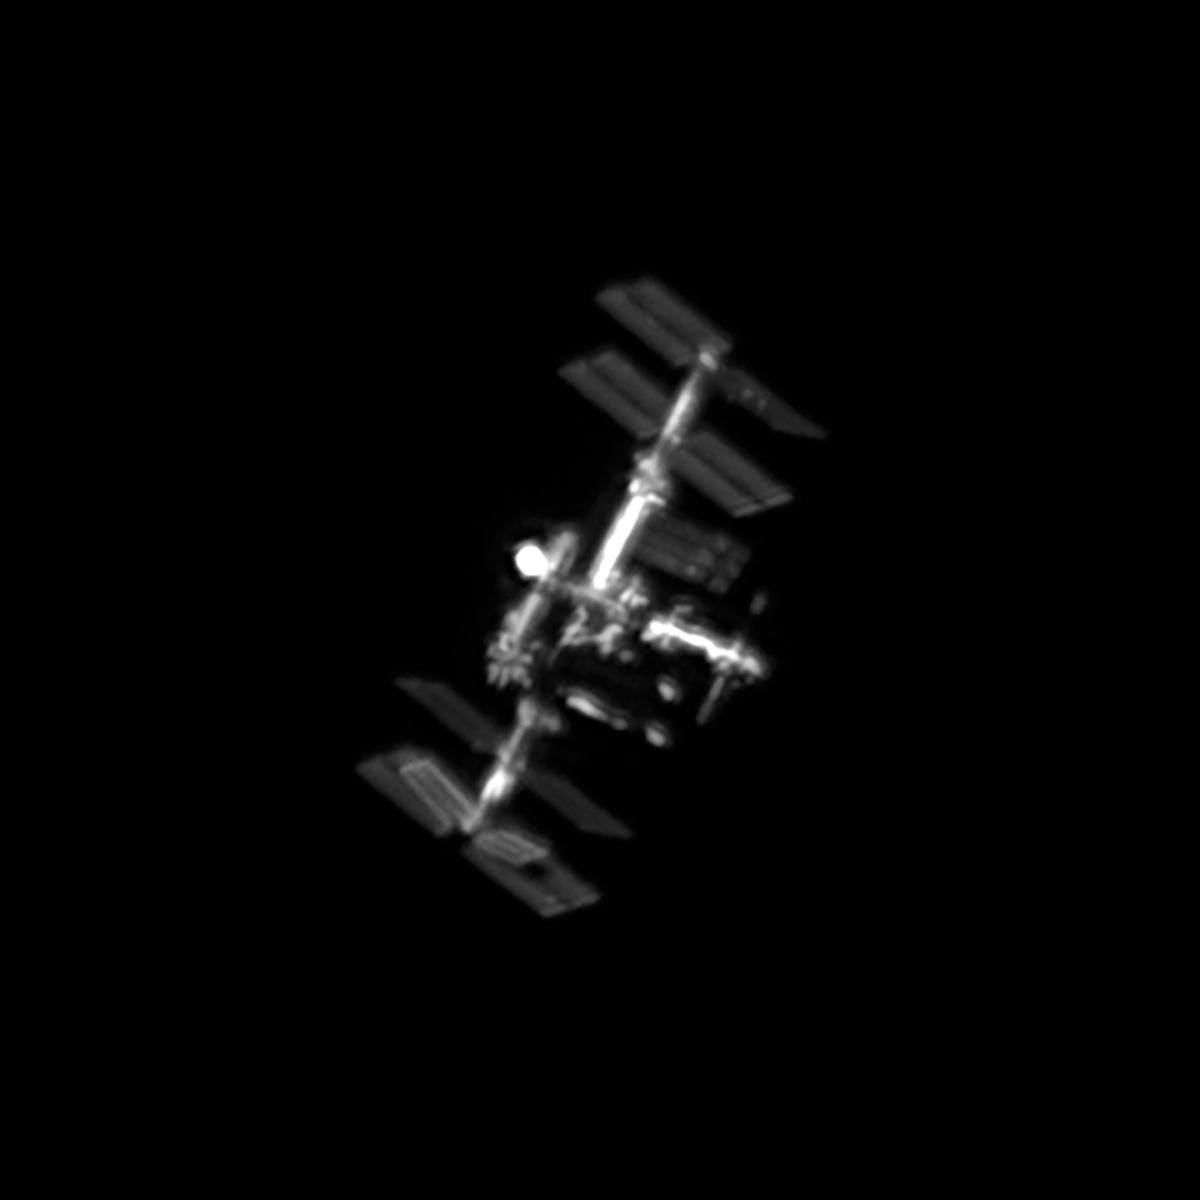 Przelot ISS z ogniskowej 2350 mm